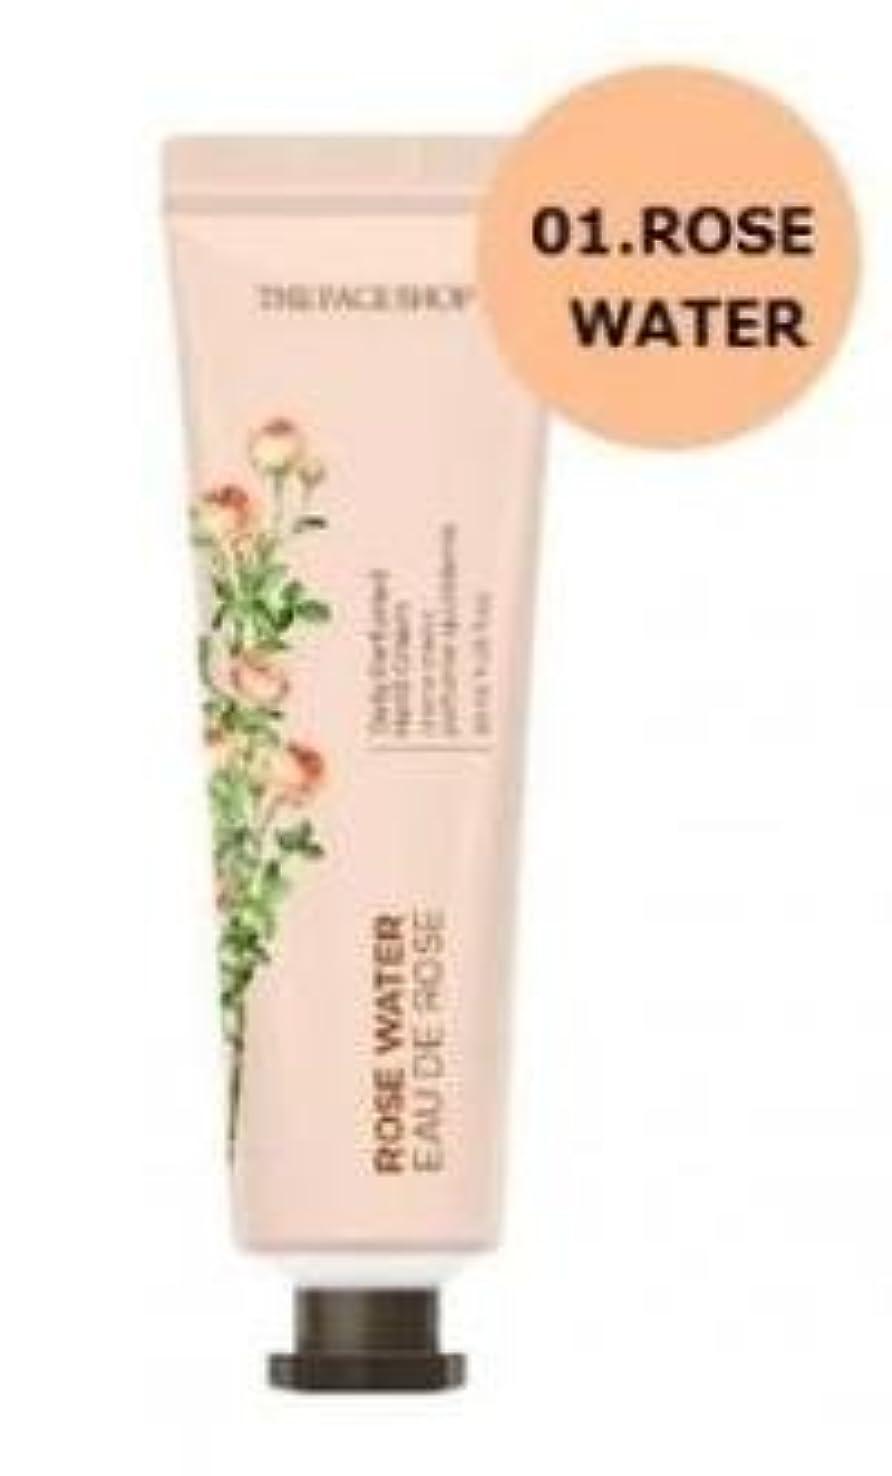 シーズンけがをするアルカイックTHE FACE SHOP Daily Perfume Hand Cream [01.Rose Water] ザフェイスショップ デイリーパフュームハンドクリーム [01.ローズウォーター] [new] [並行輸入品]